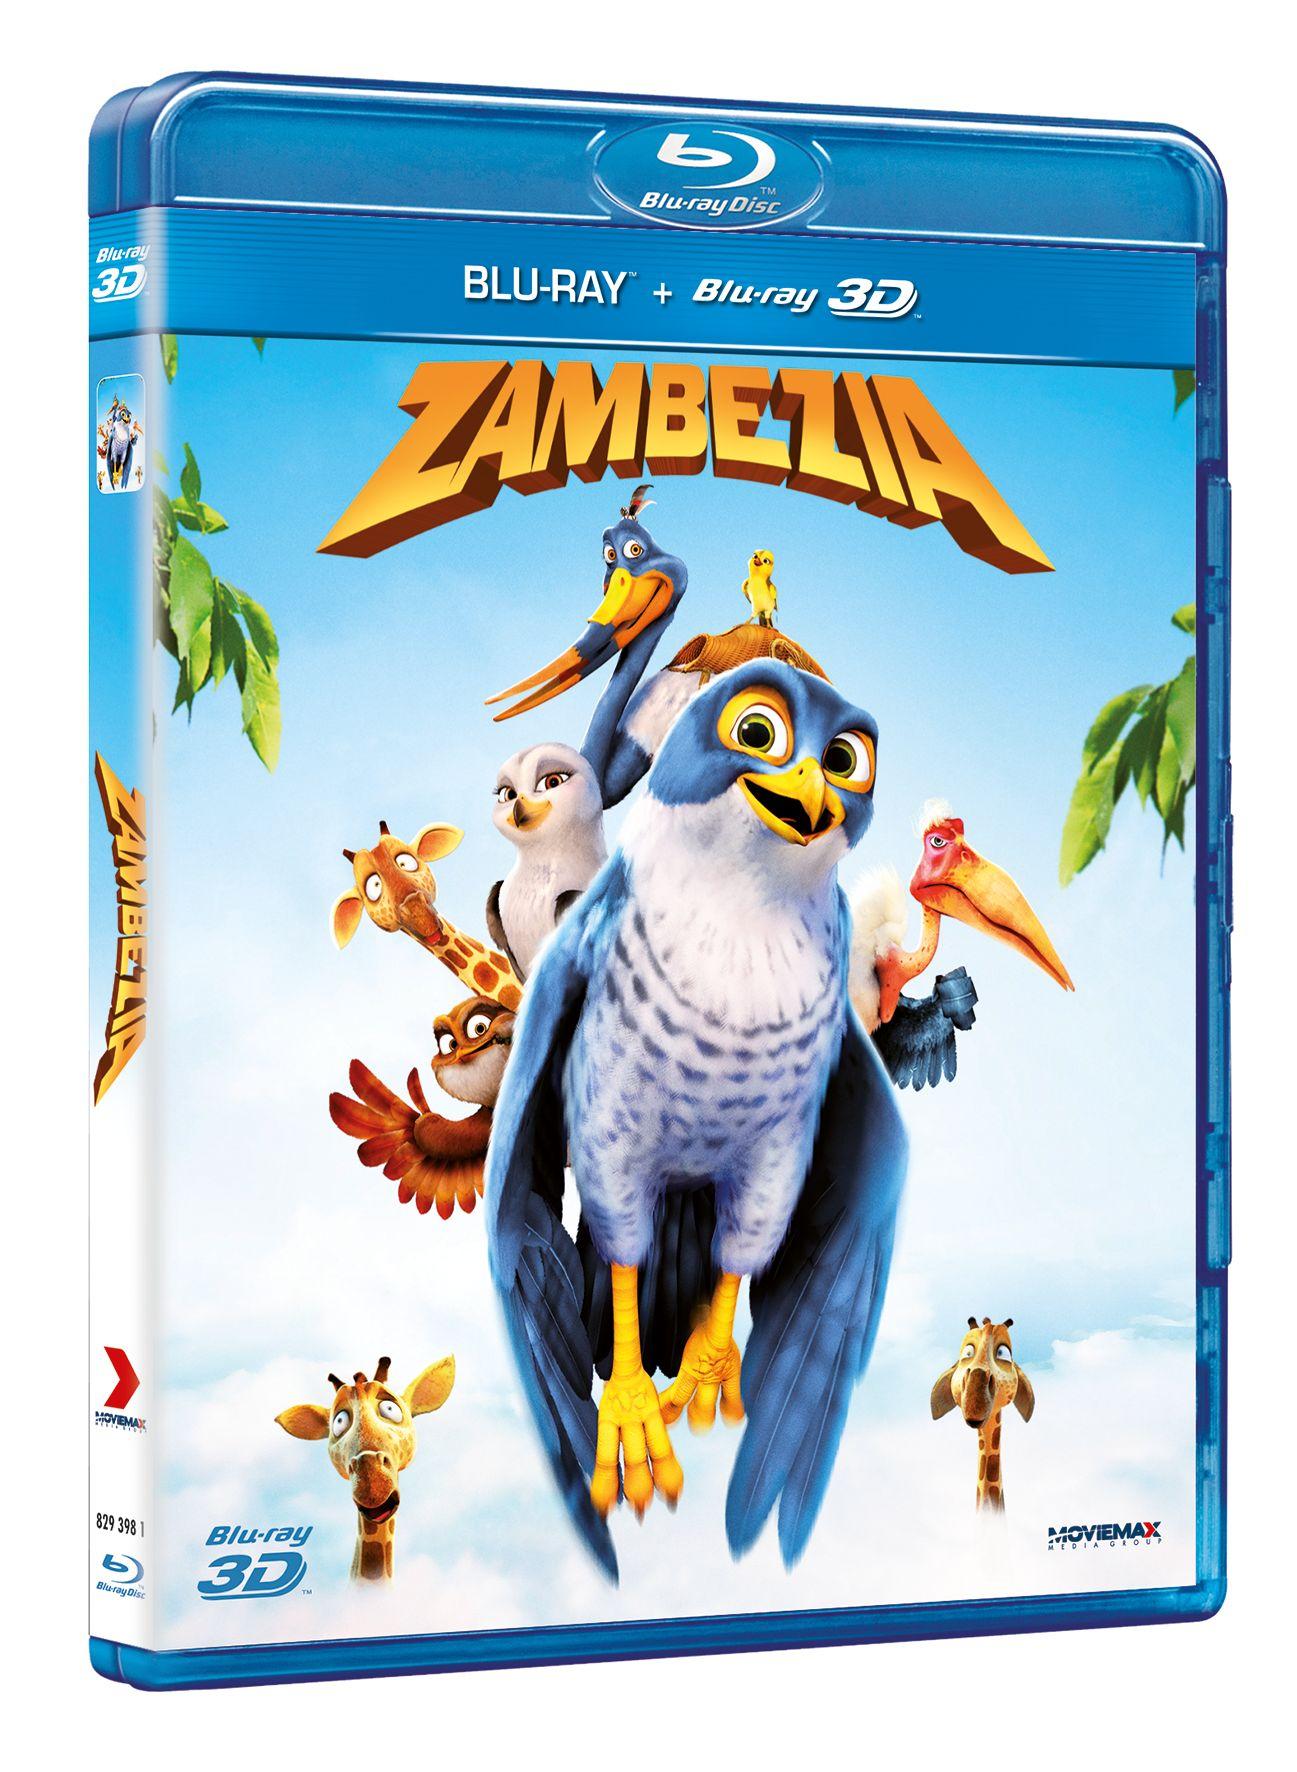 zambezia blu-ray 2d 3d